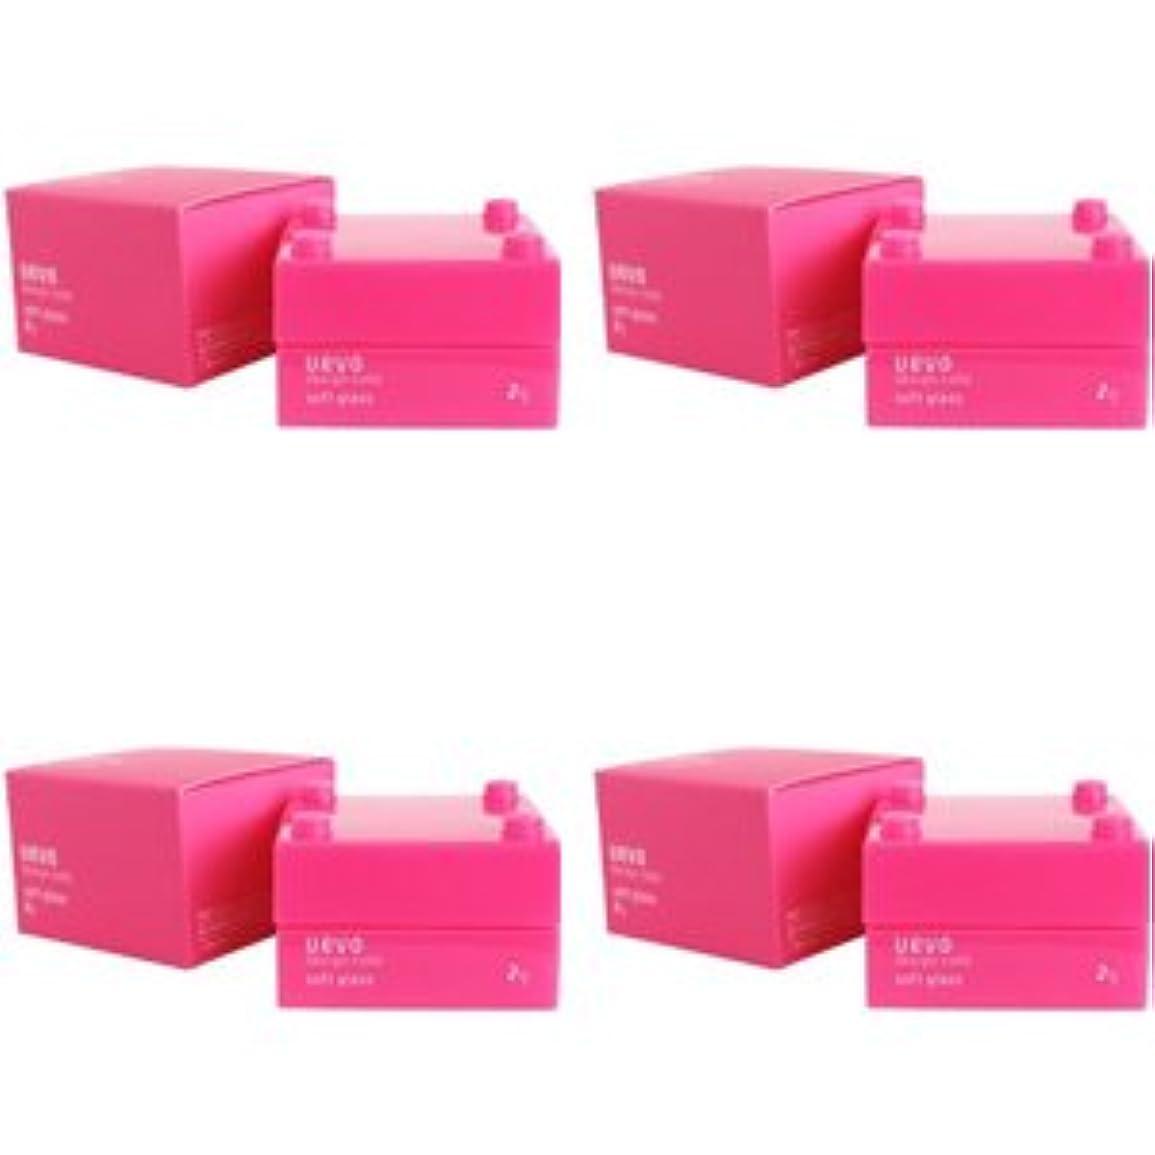 専ら酸っぱい国勢調査【X4個セット】 デミ ウェーボ デザインキューブ ソフトグロス 30g soft gloss DEMI uevo design cube